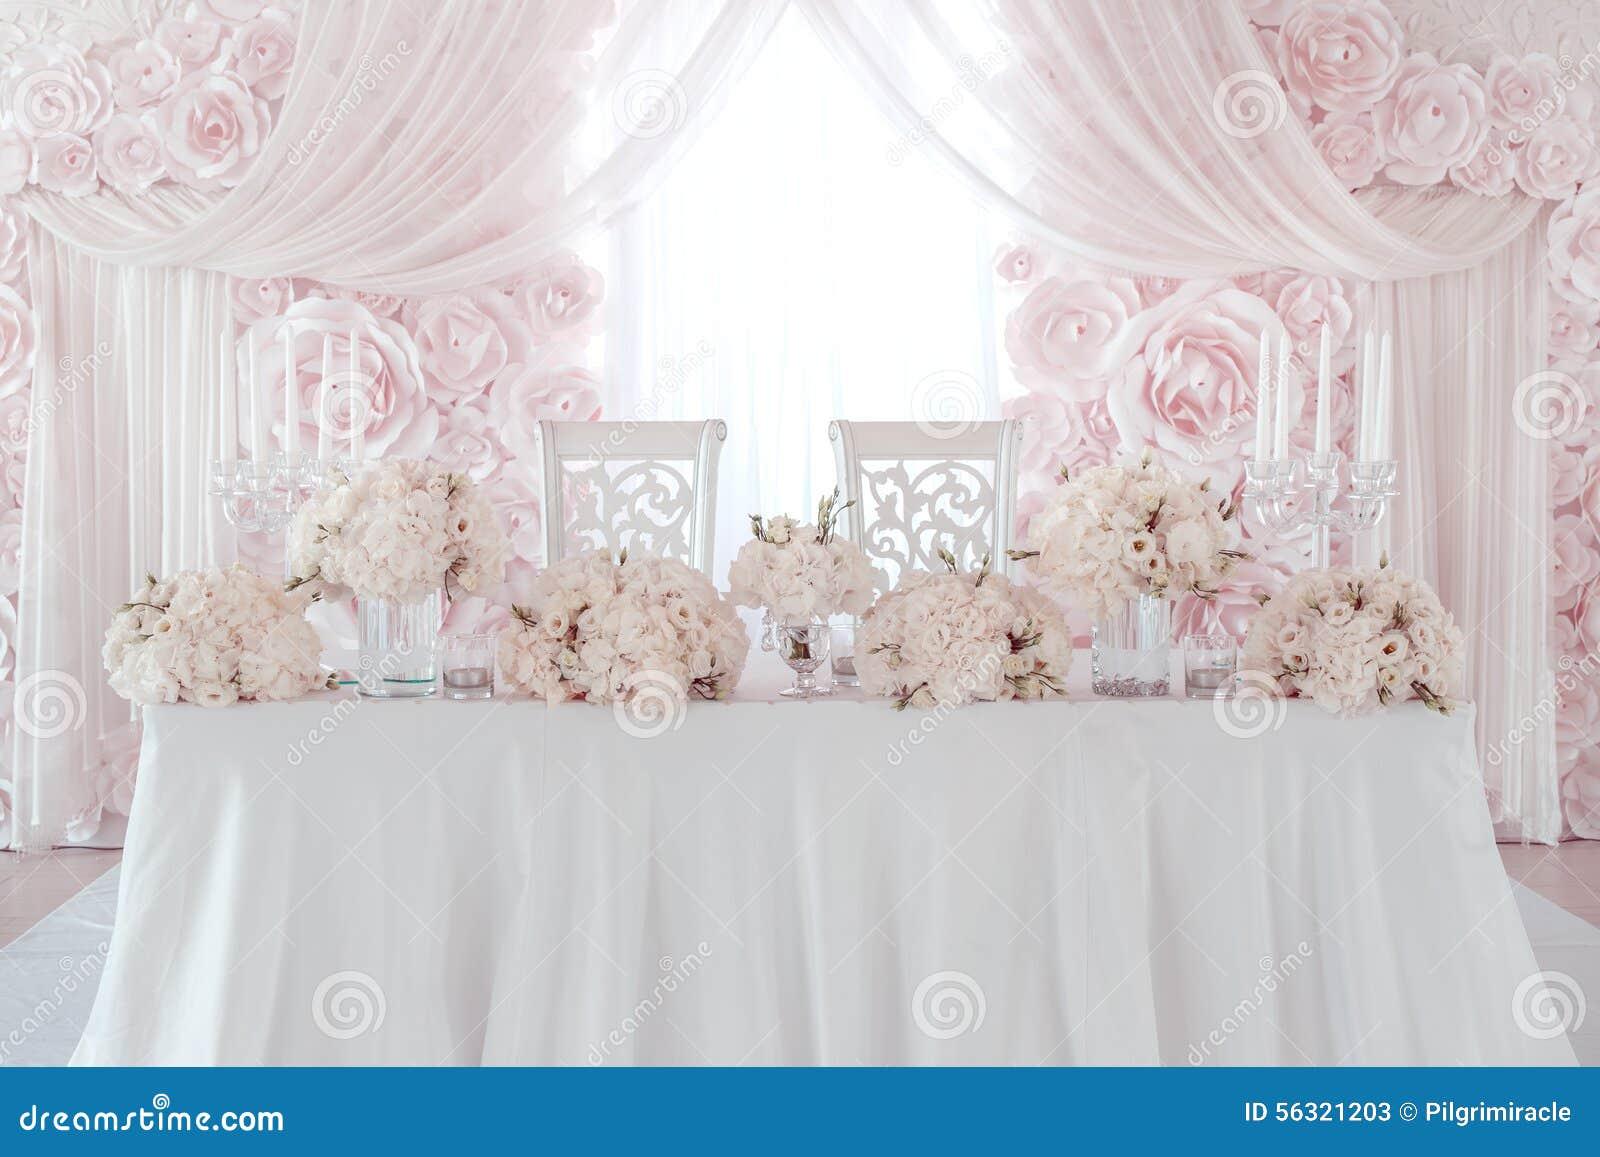 Wedding Flower Decoration Stock Photo - Image: 56321203